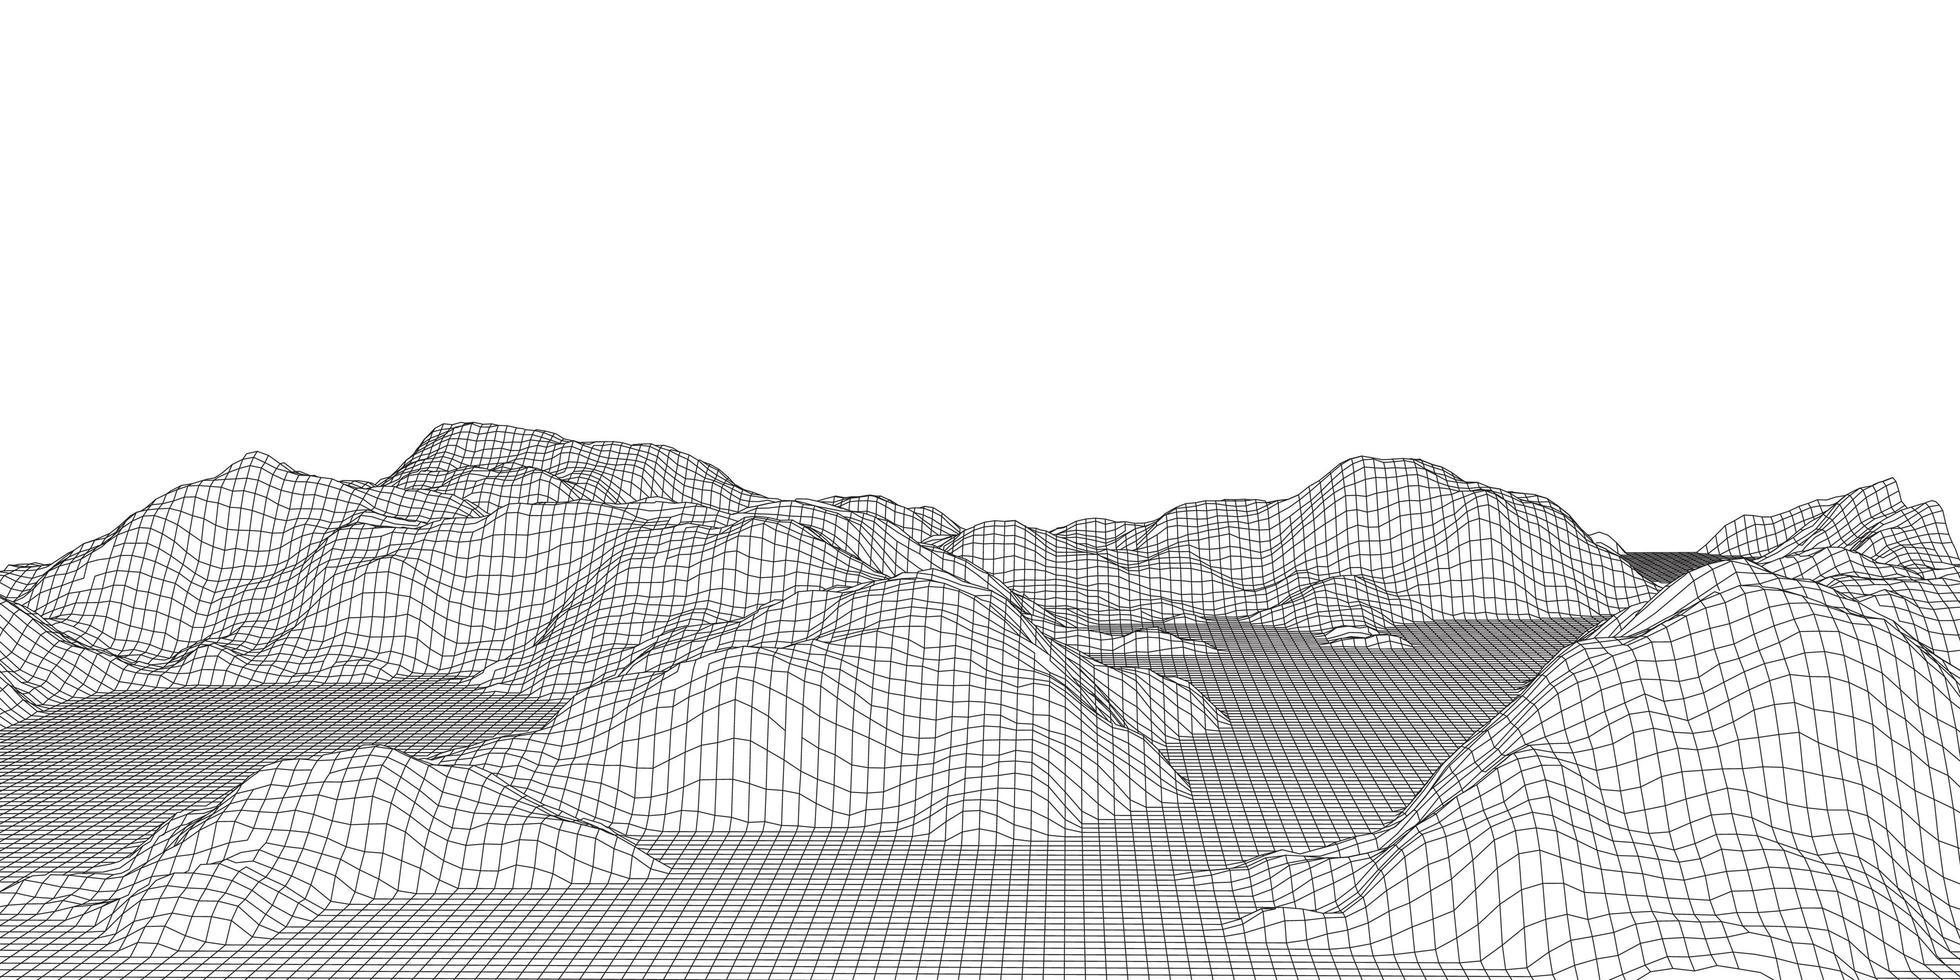 terreno de estructura metálica en blanco y negro vector